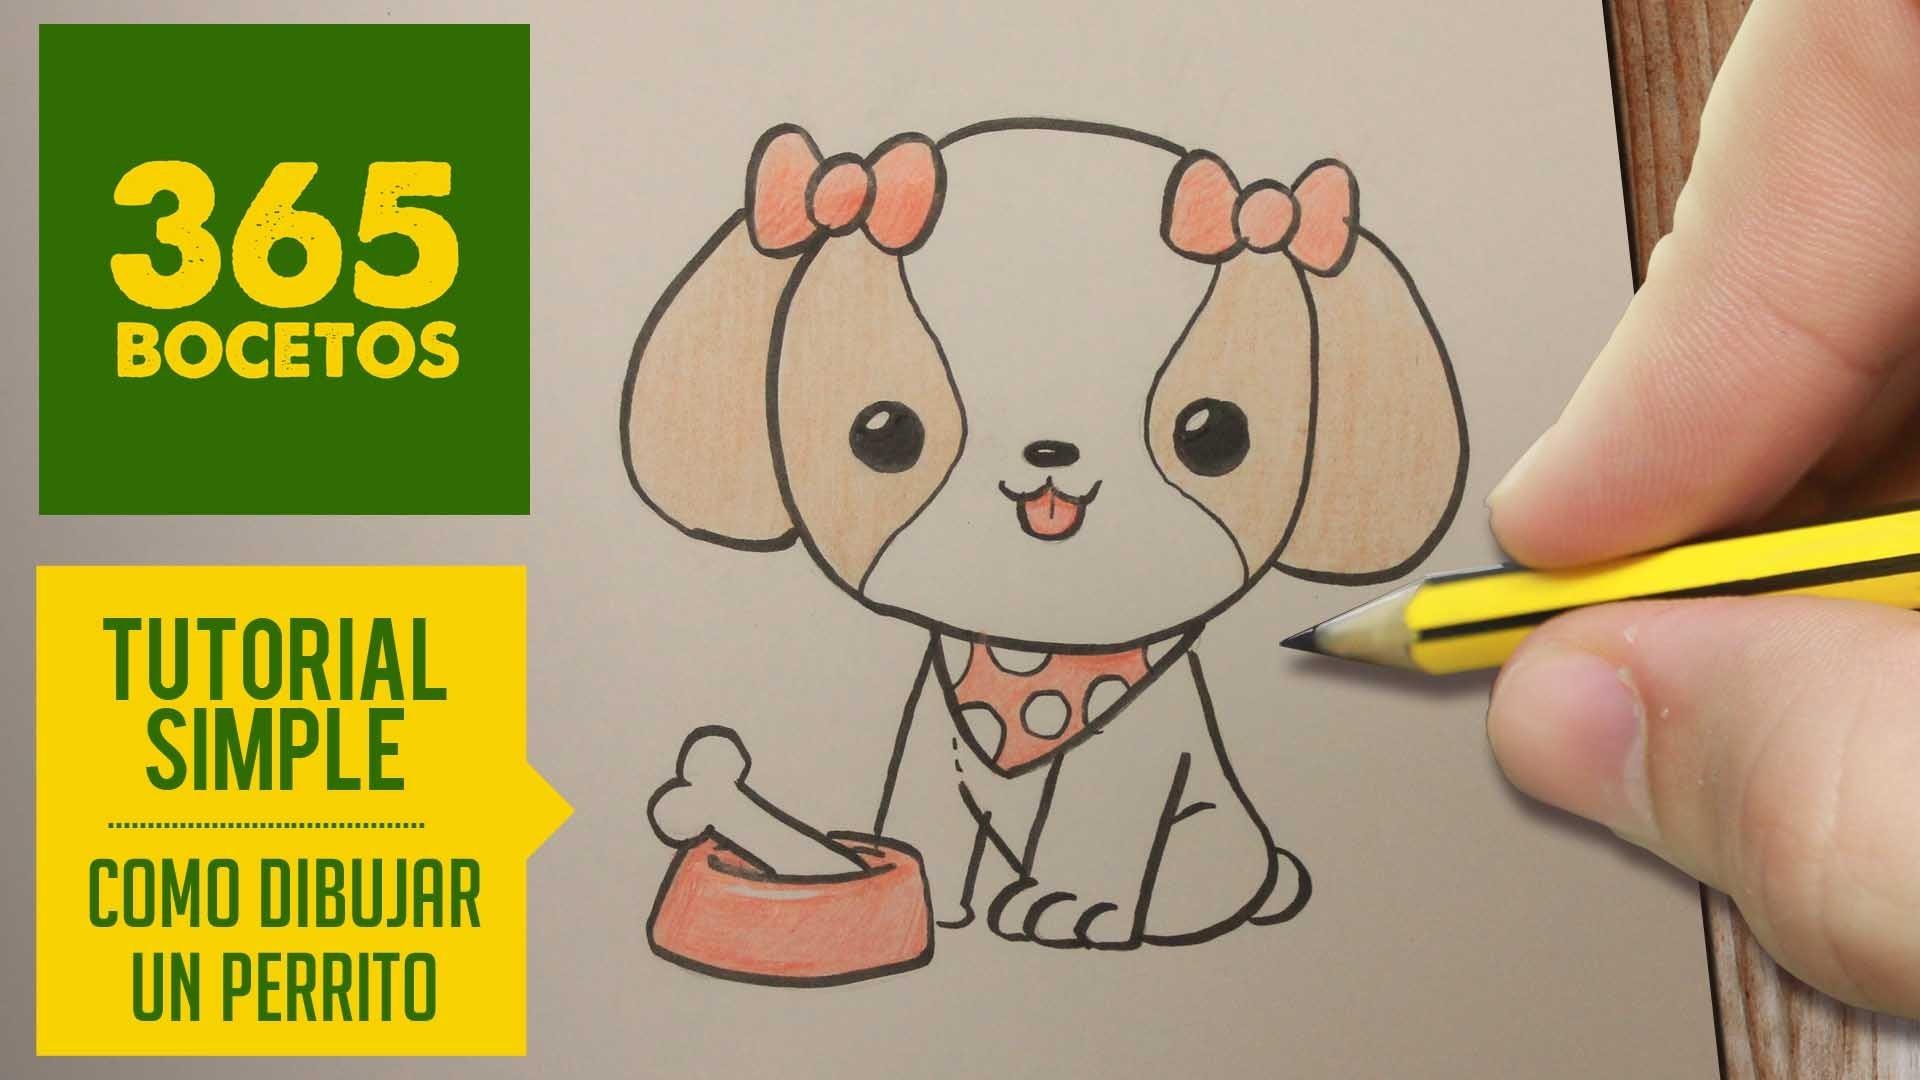 COMO DIBUJAR PERRITOS KAWAII PASO A PASO - Dibujos kawaii faciles - How to draw a dog